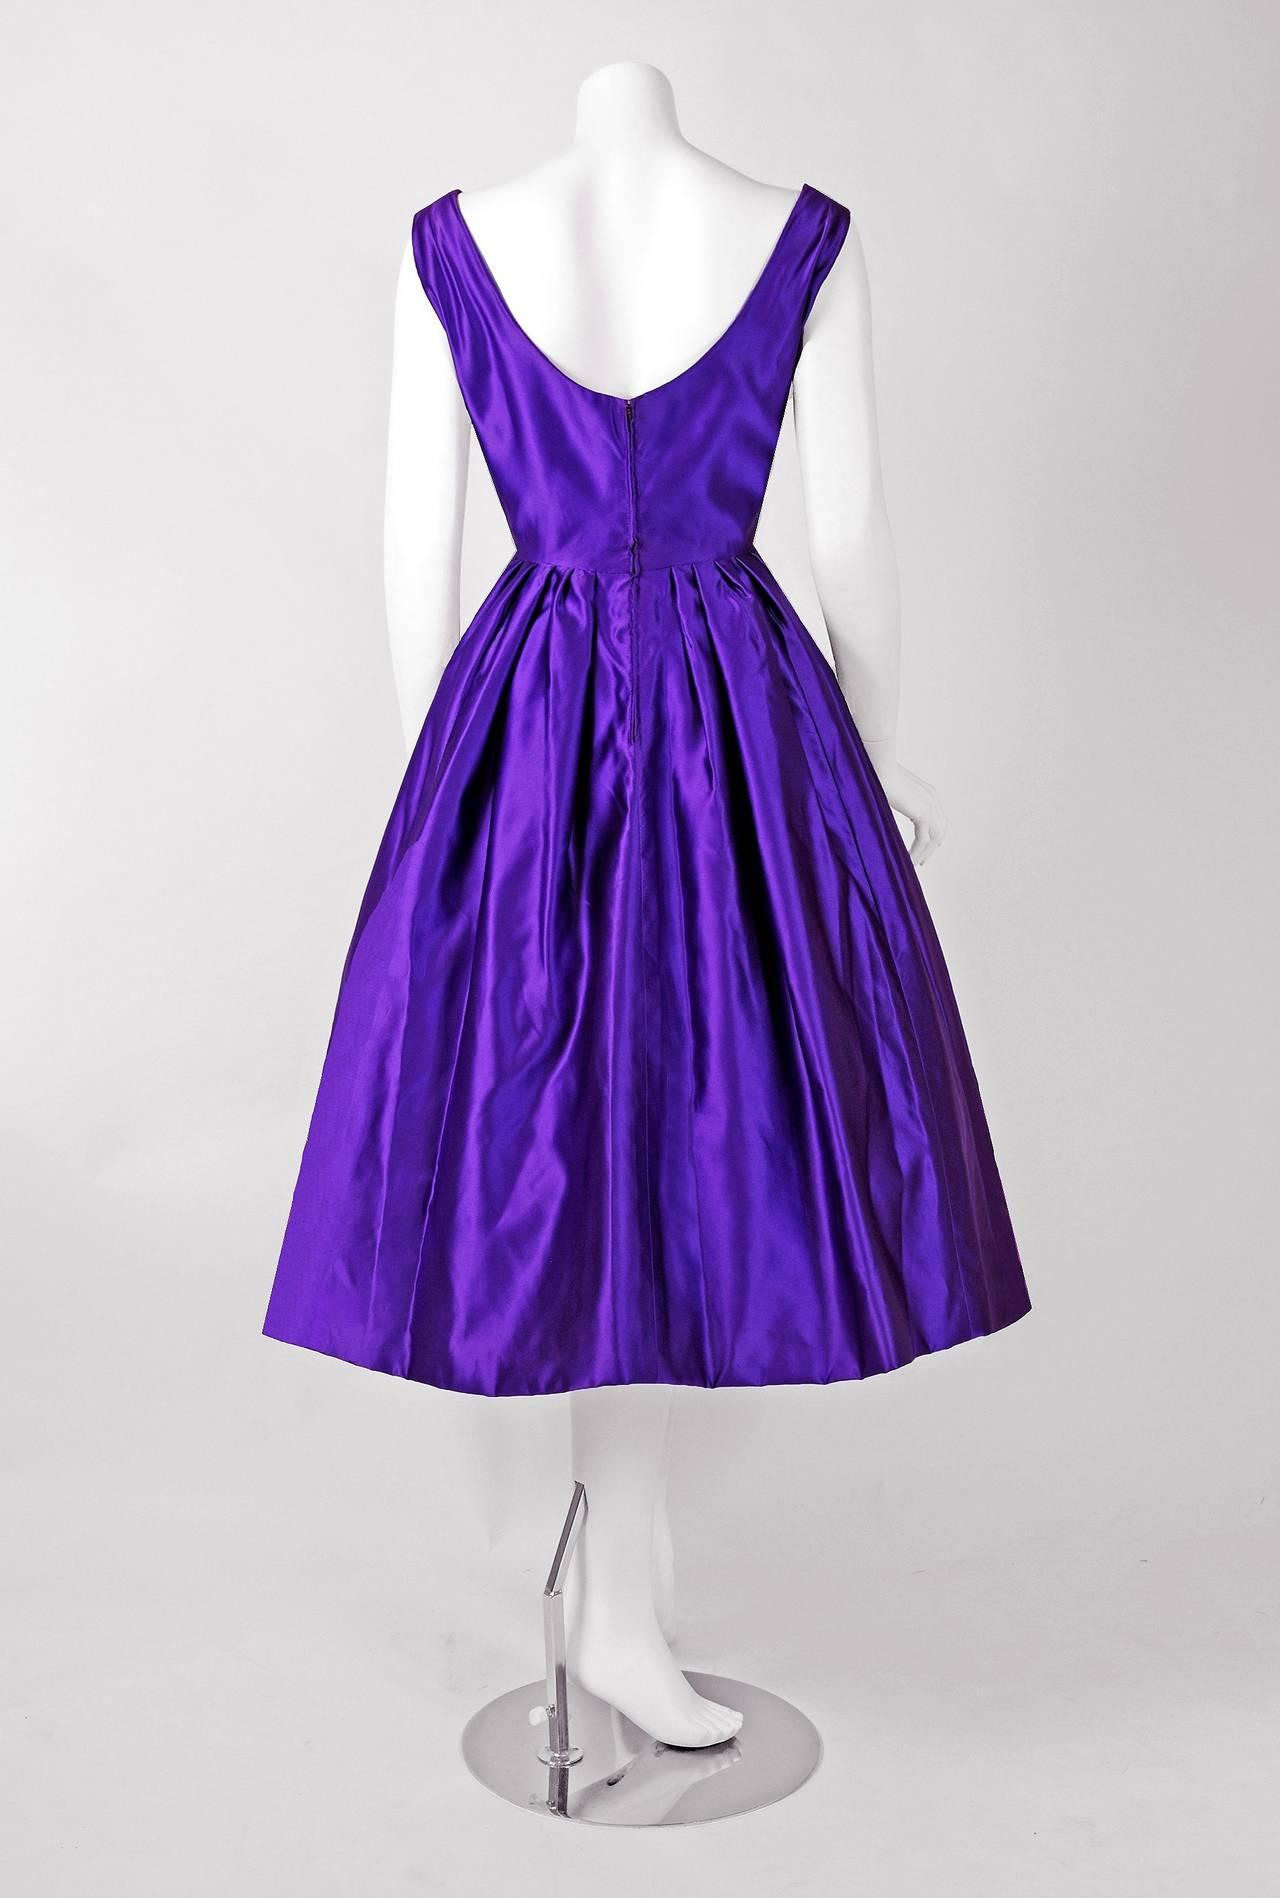 1950 S Pierre Balmain Haute Couture Purple Satin Party